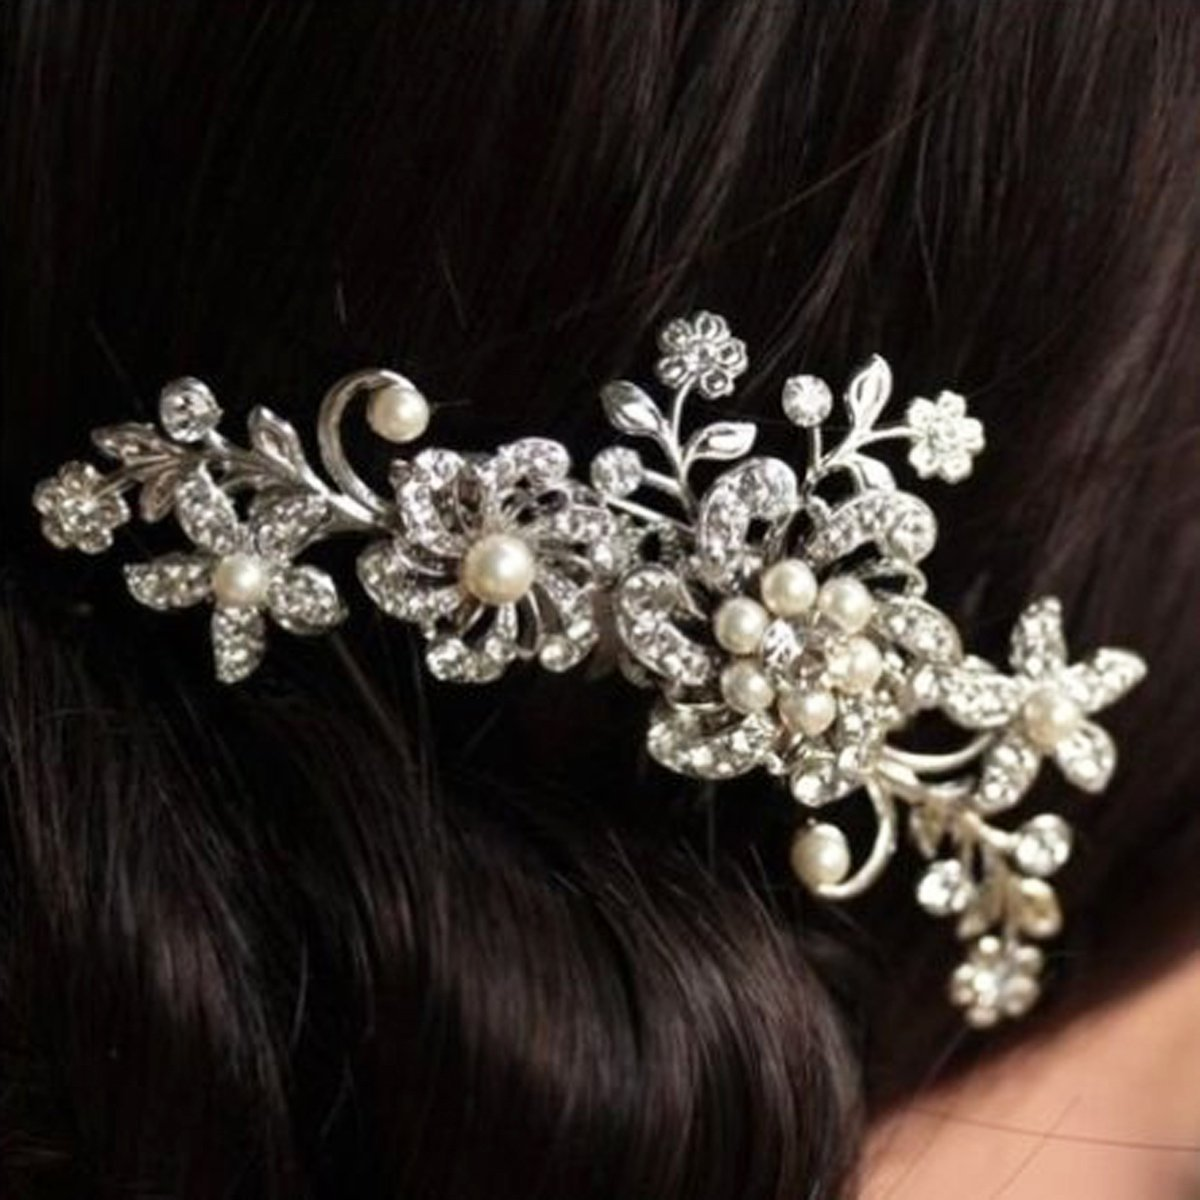 PANYTOW Fermaglio per capelli con strass, perle e fiori, da sposa Generic GMMH6022